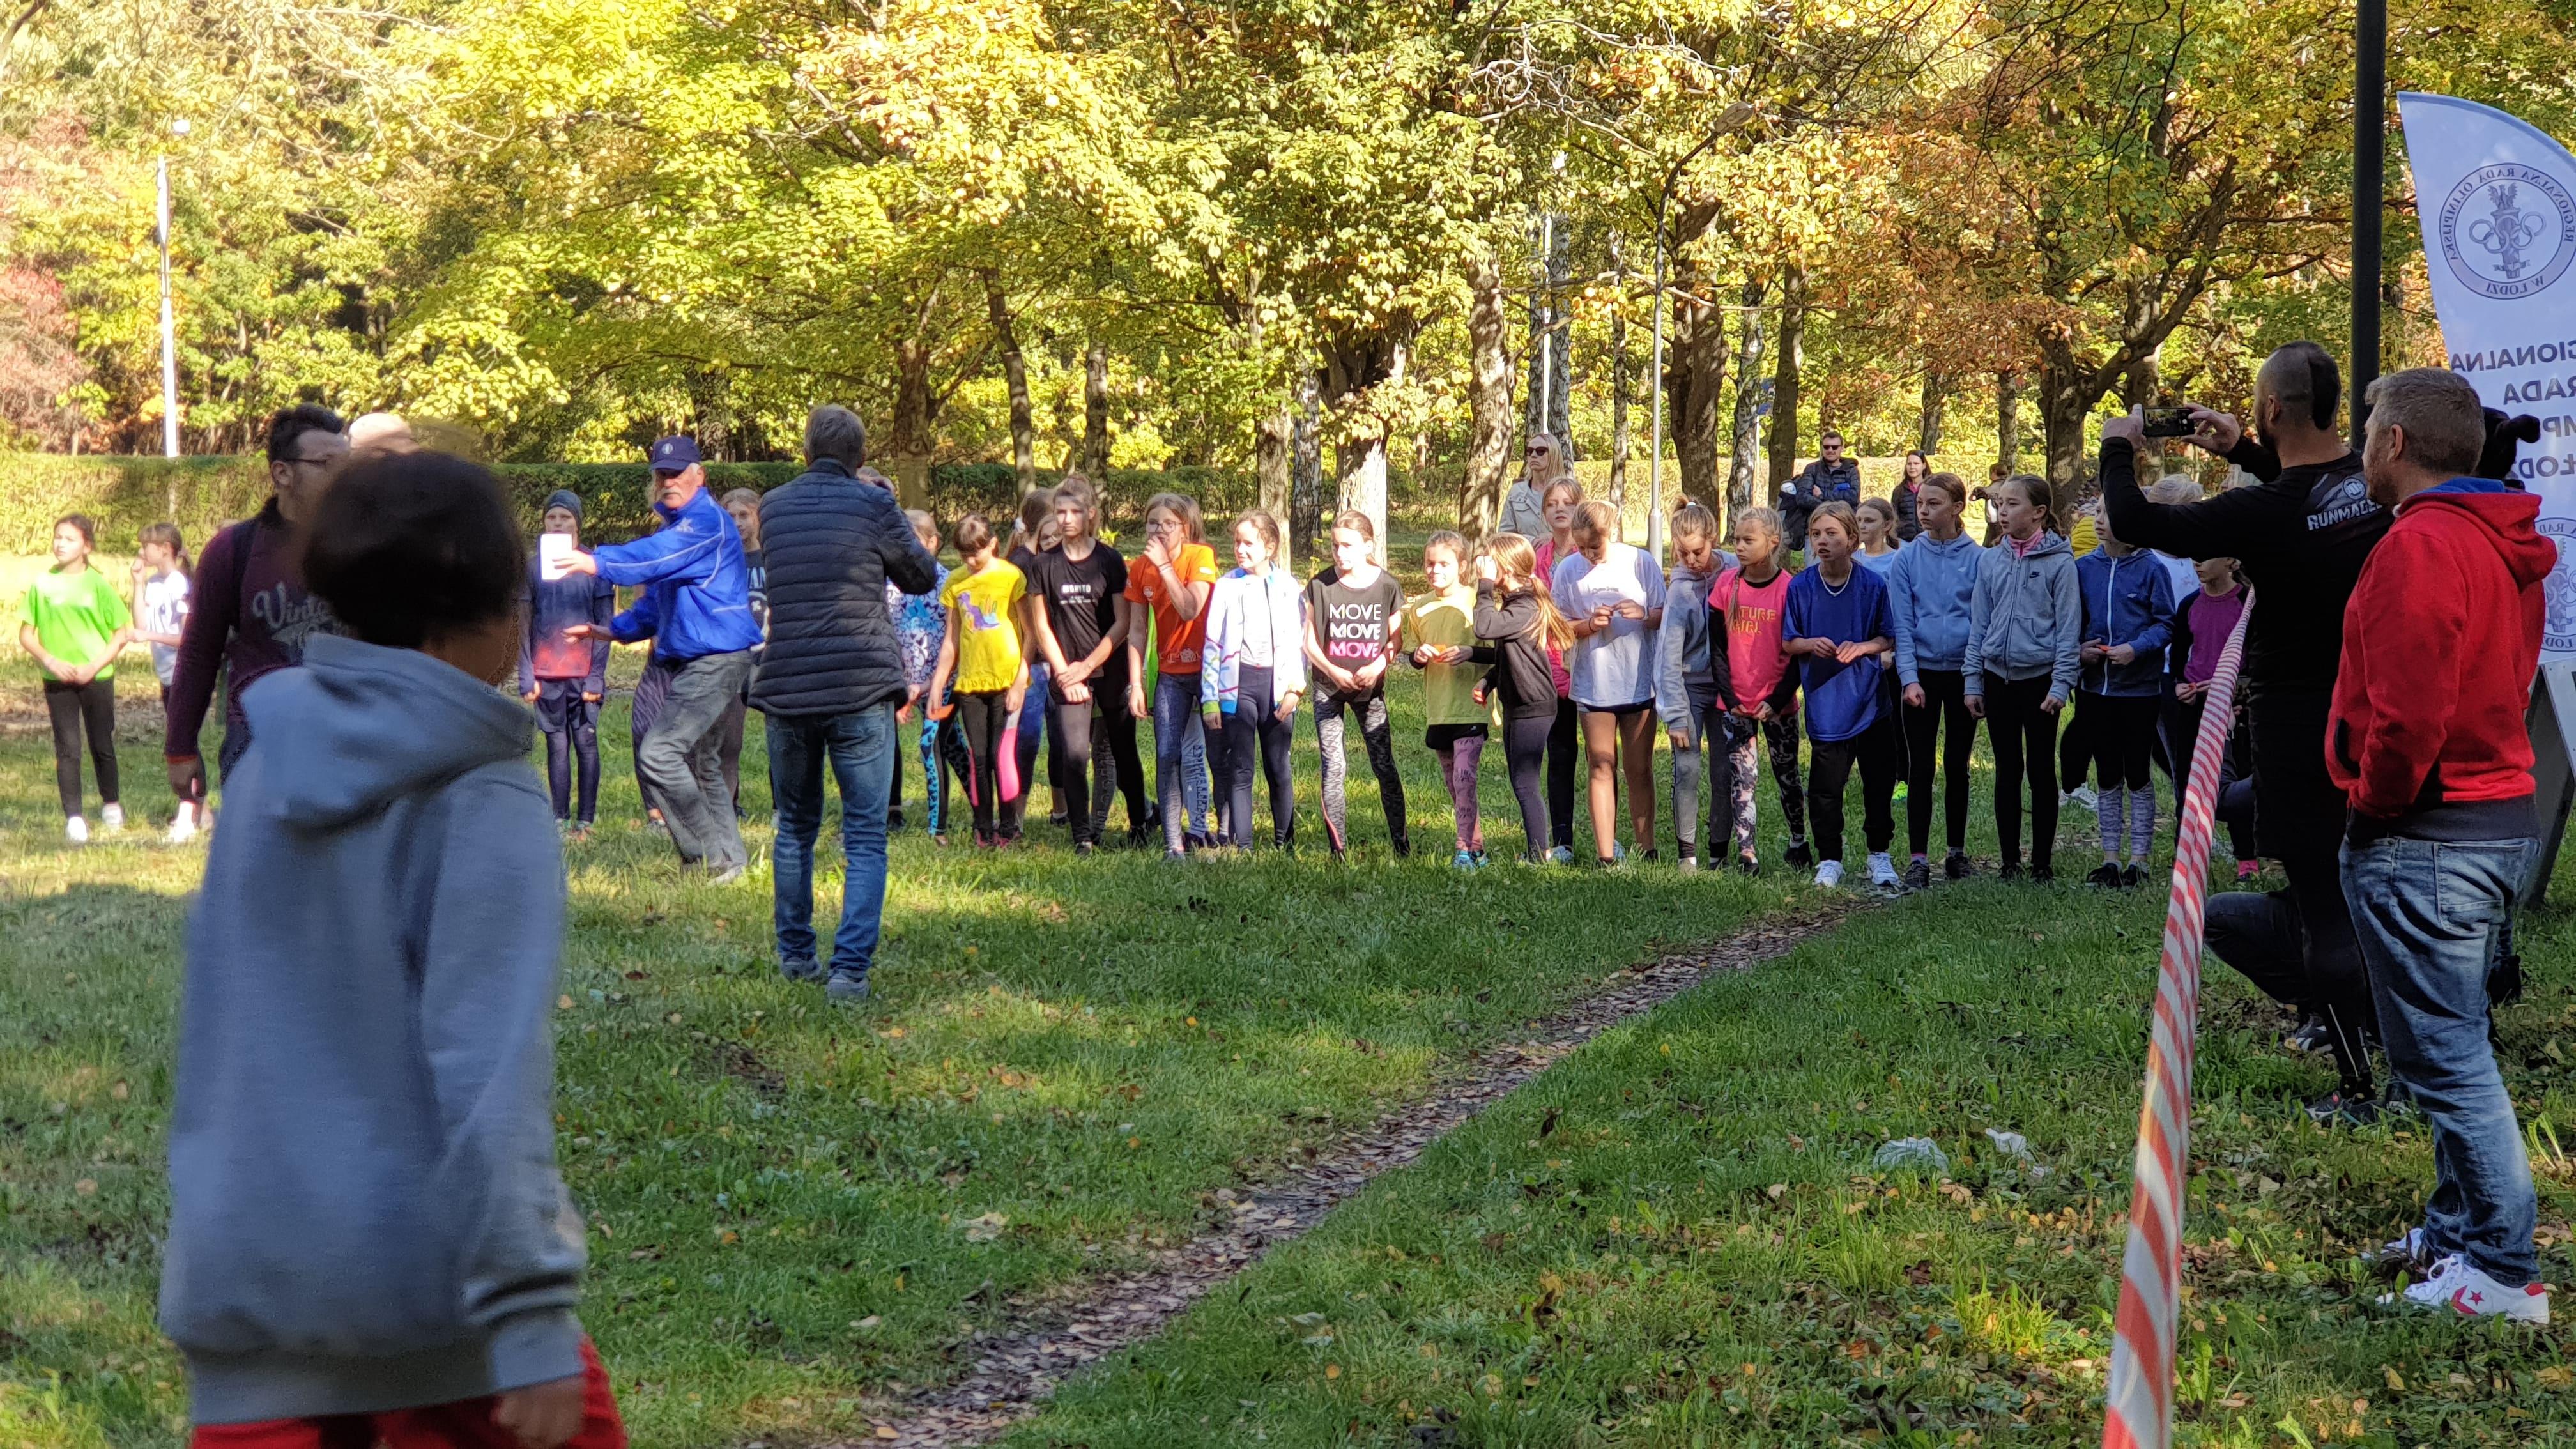 XIII Bieg Olimpijczyków w Łodzi. Rywalizacja i dobra zabawa w parku im. Baden Powella [zdjęcia] - Zdjęcie główne